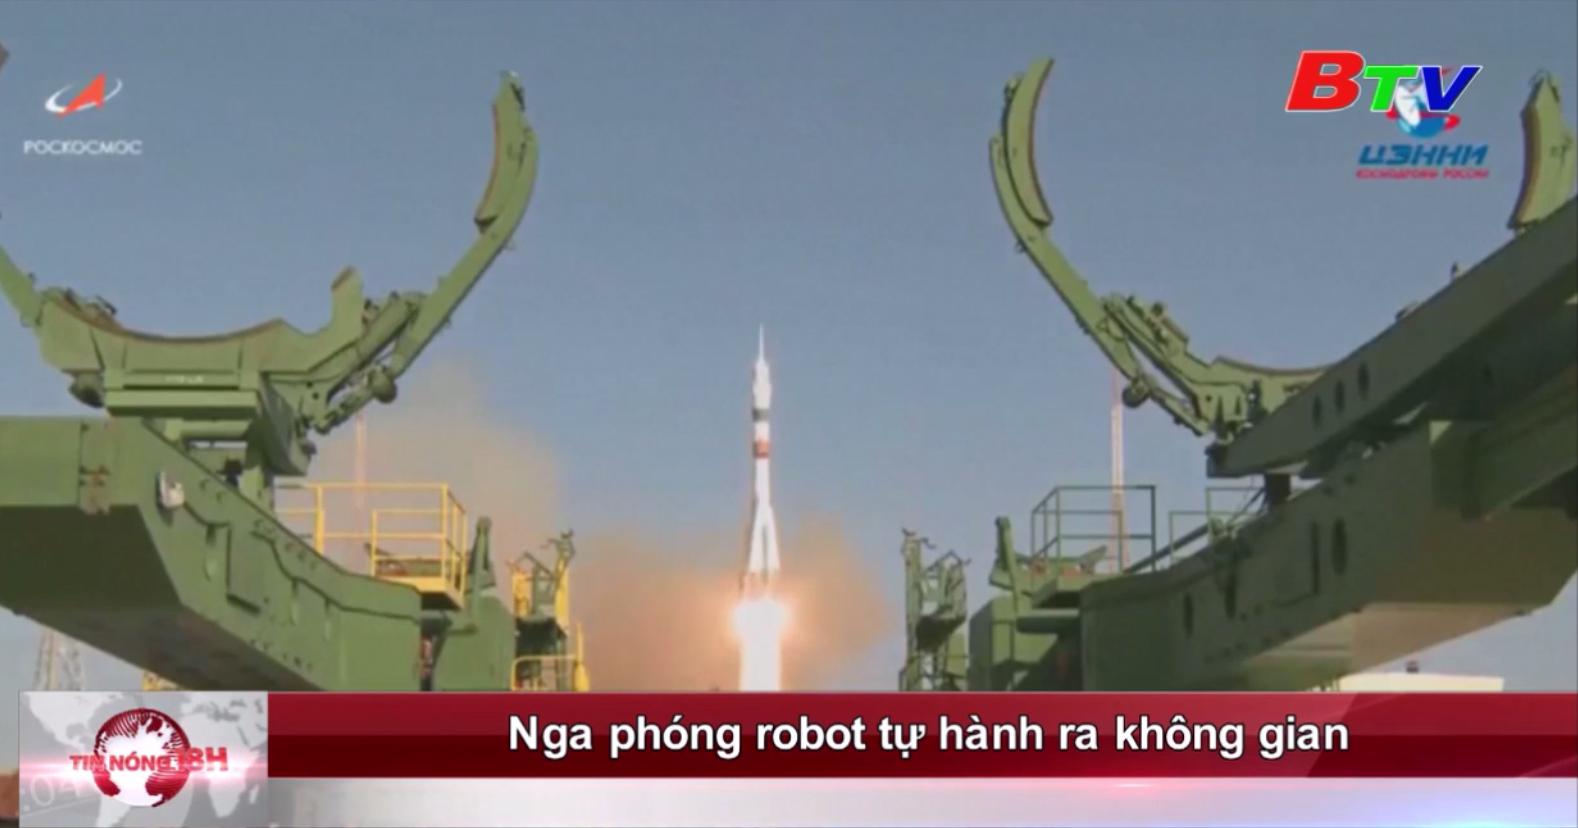 Nga phóng robot tự hành ra không gian